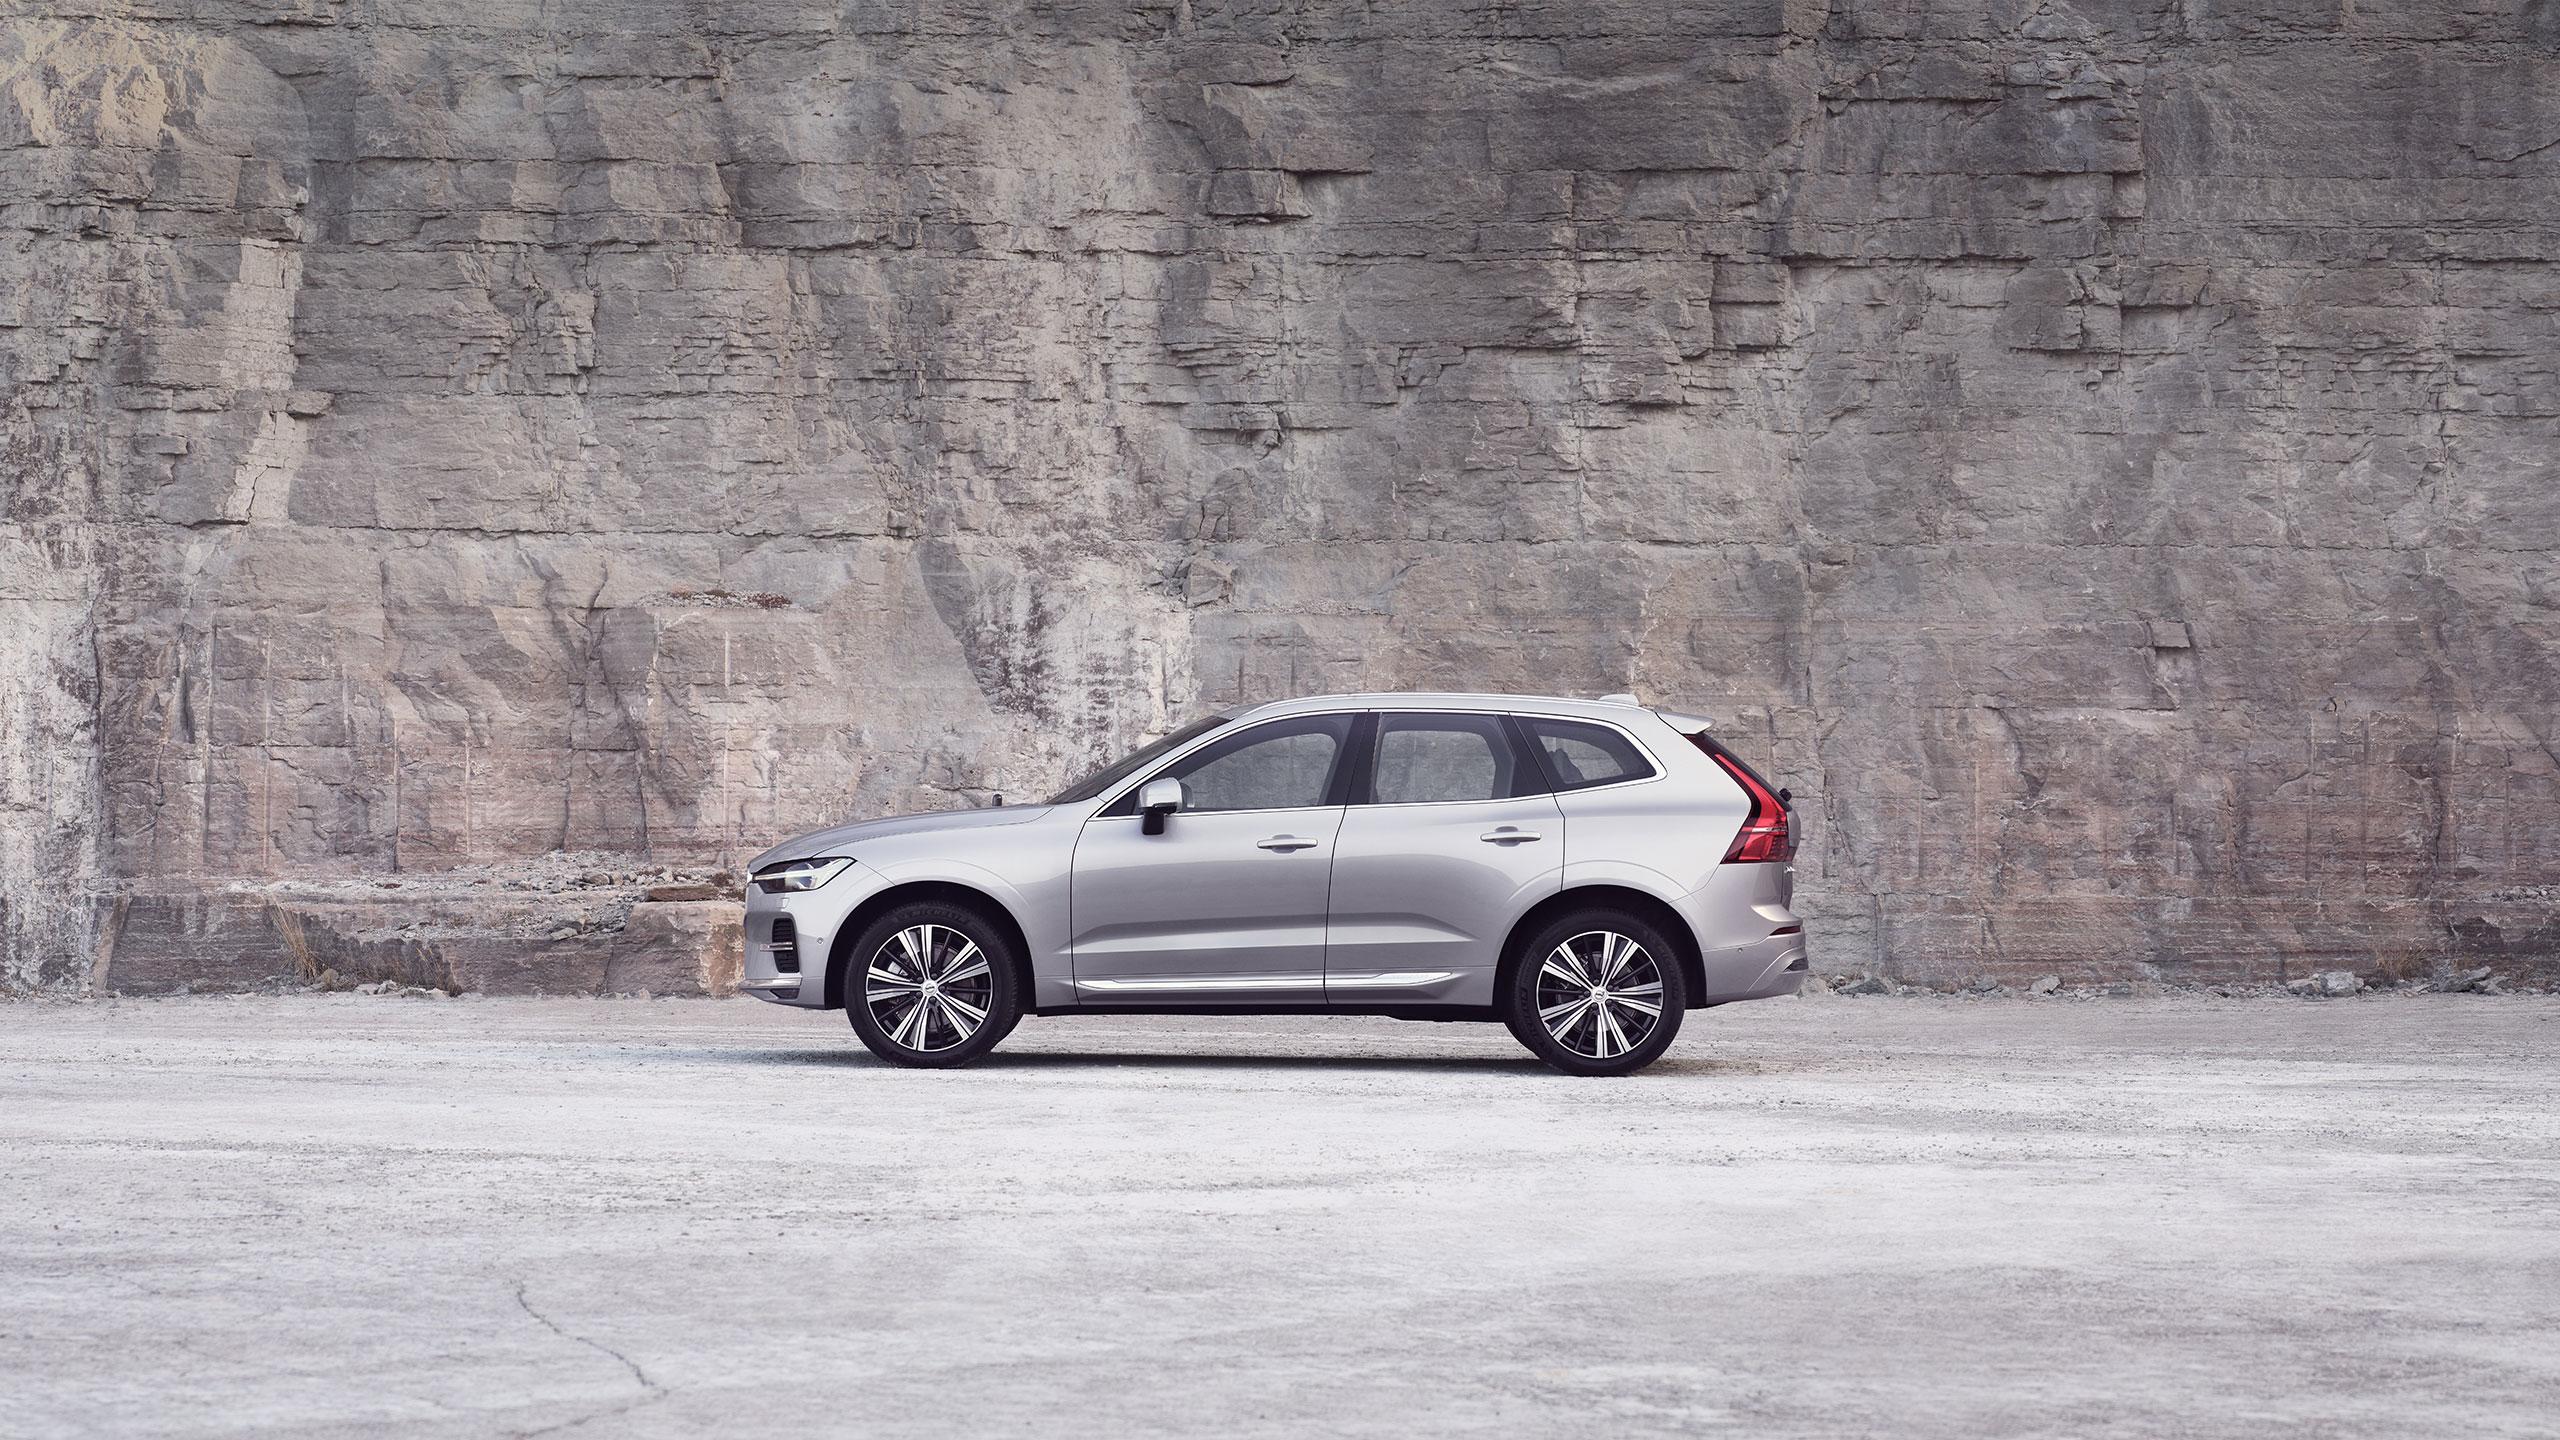 Srebrni Volvo XC60 stoji ispred kamenog zida.